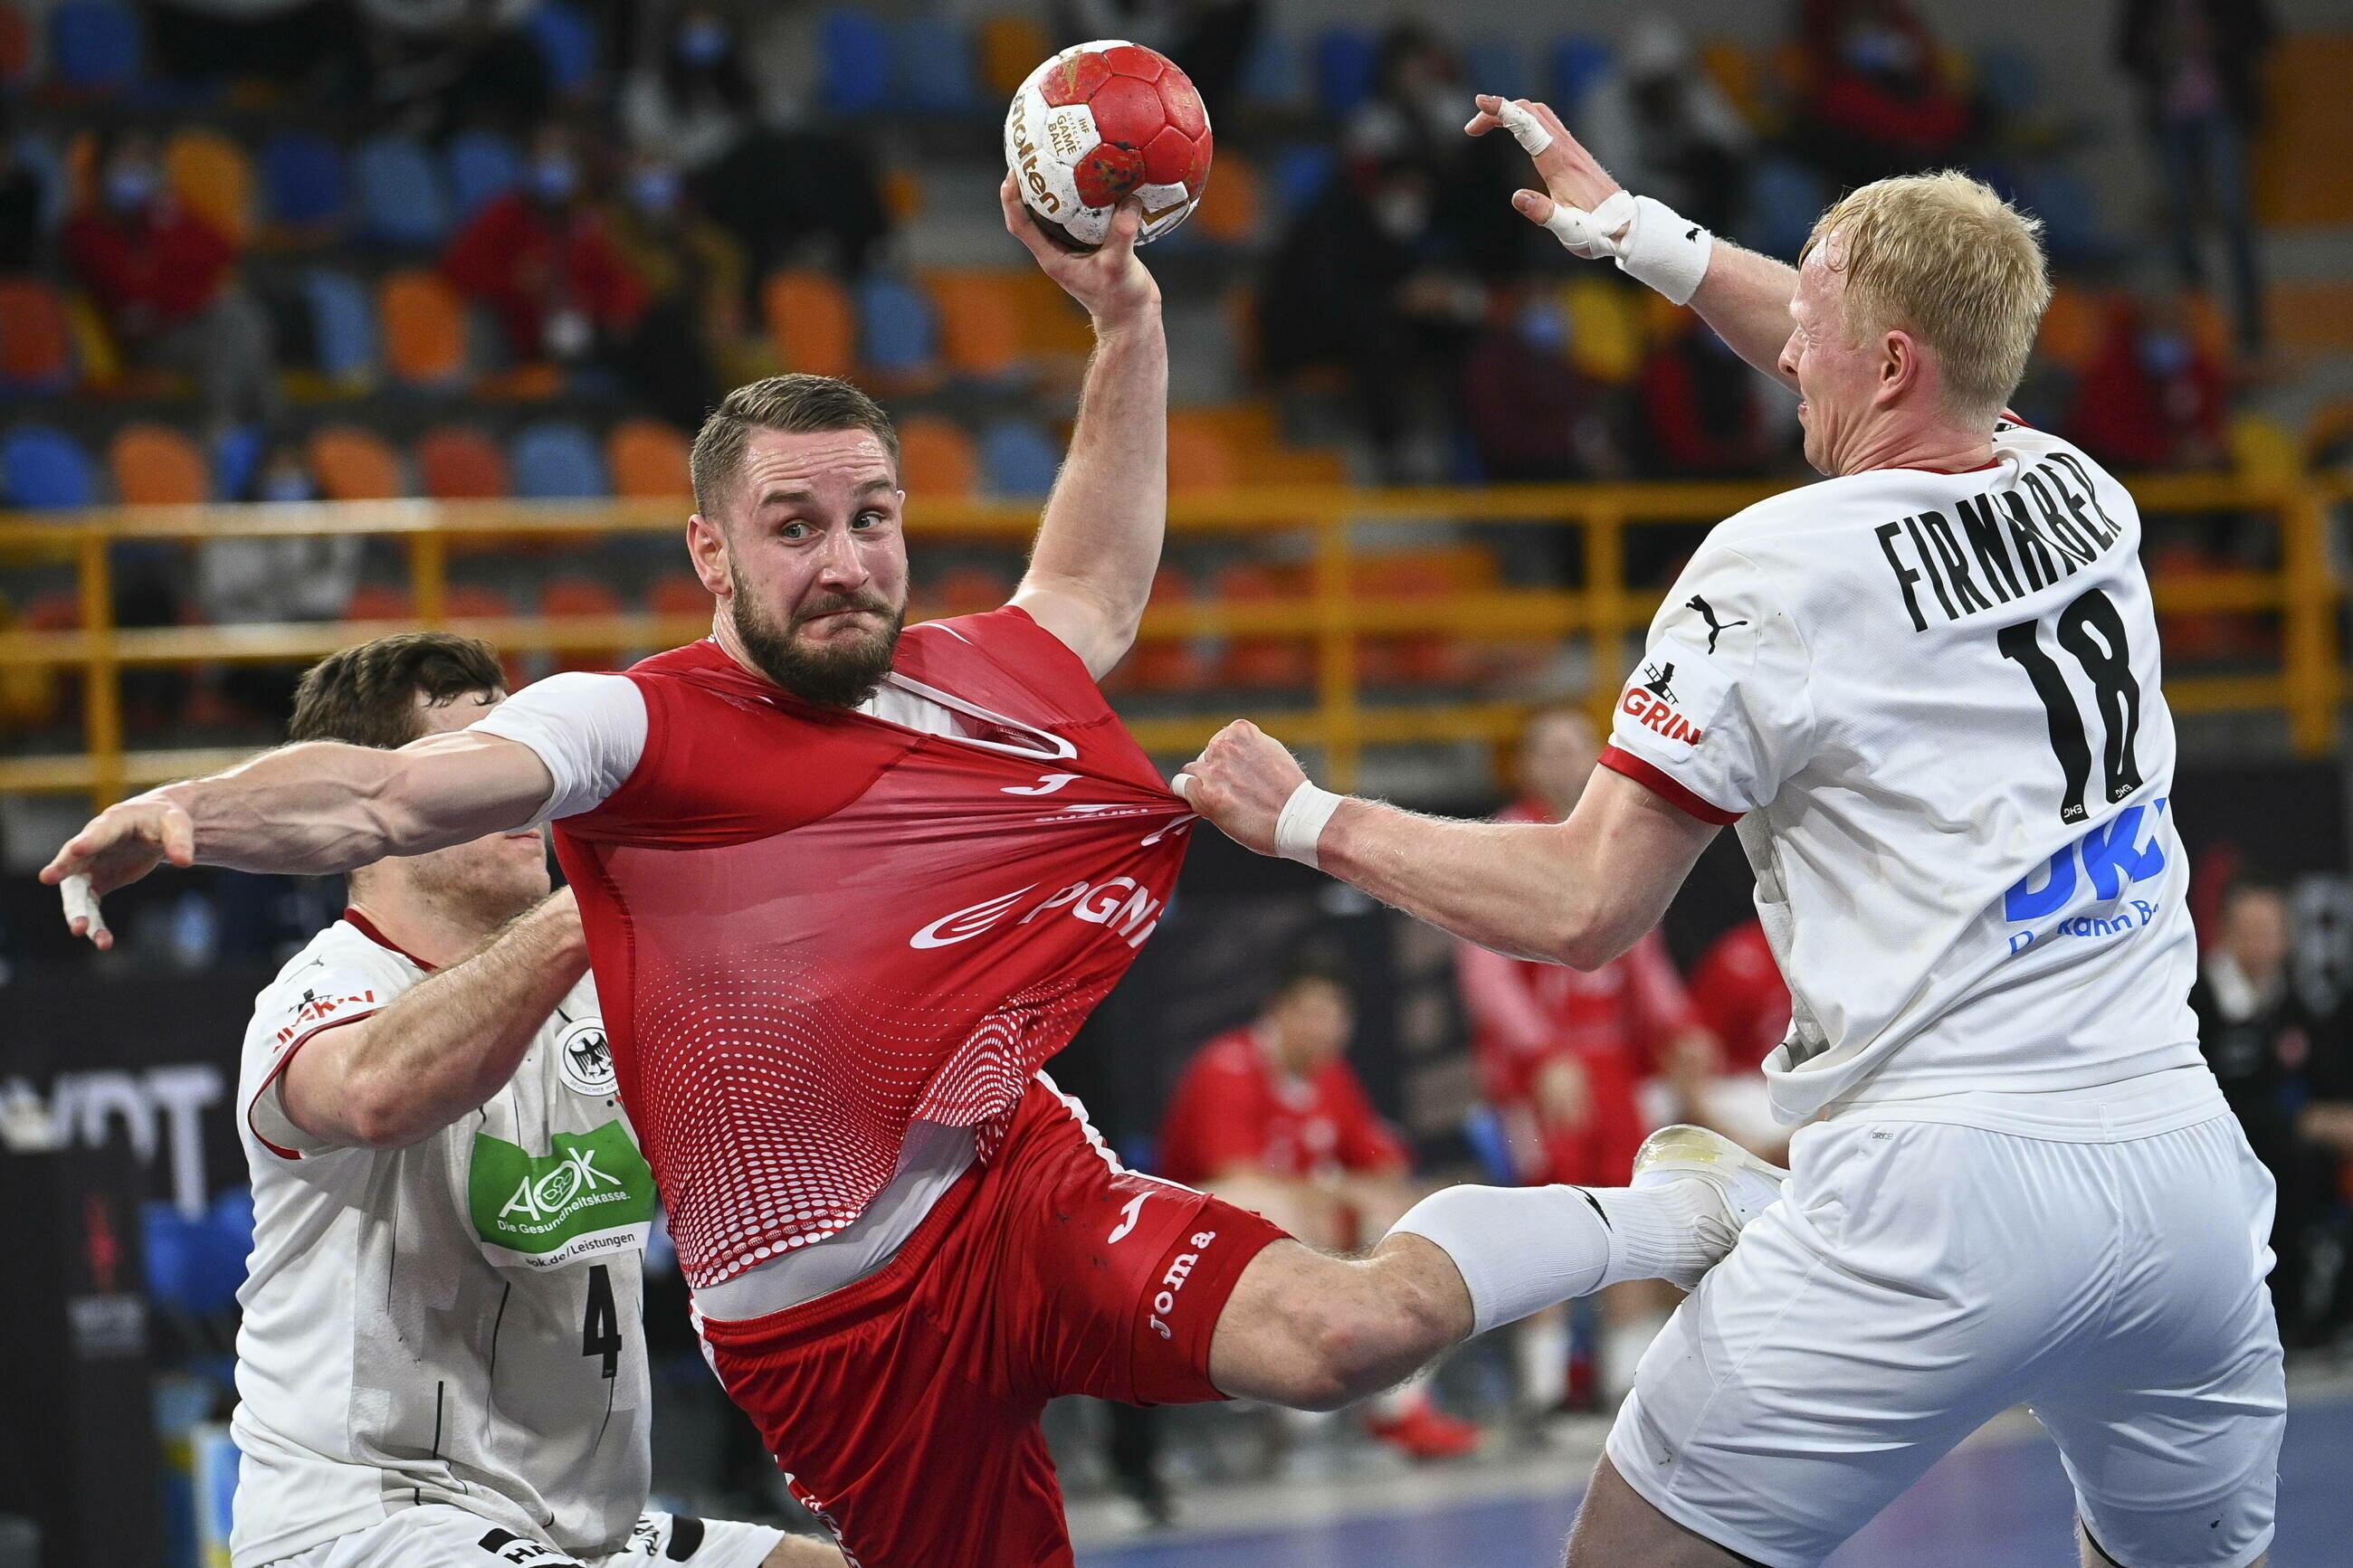 Polacy zakończyli mistrzostwa na 13. miejscu